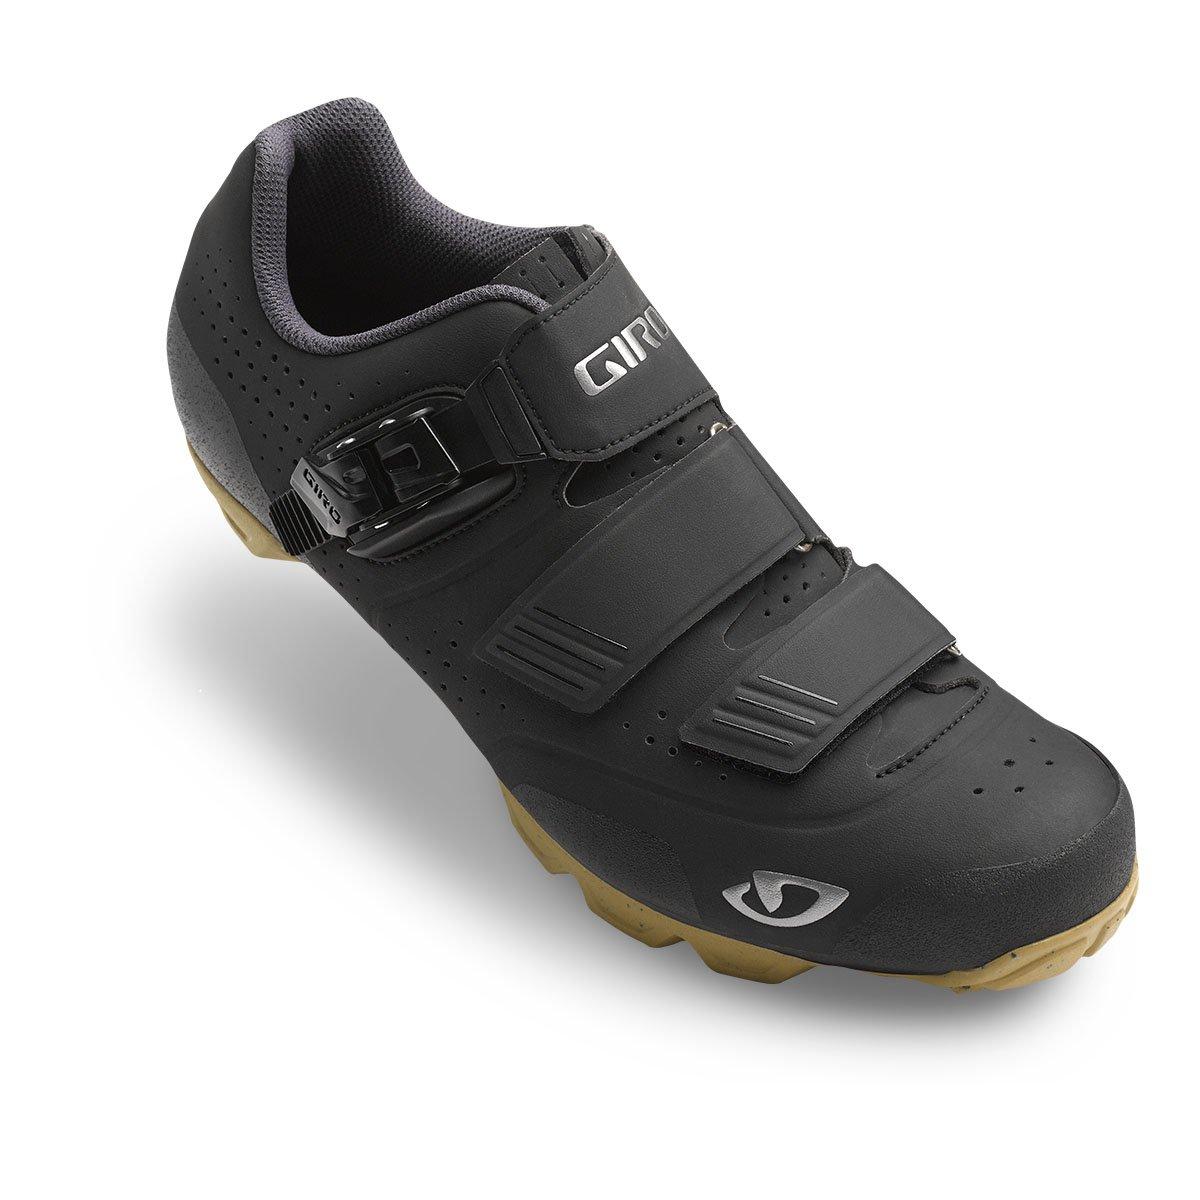 Giro メンズ Giro B015T7E8L0 43 M EU Black/gum Black/gum 43 M EU